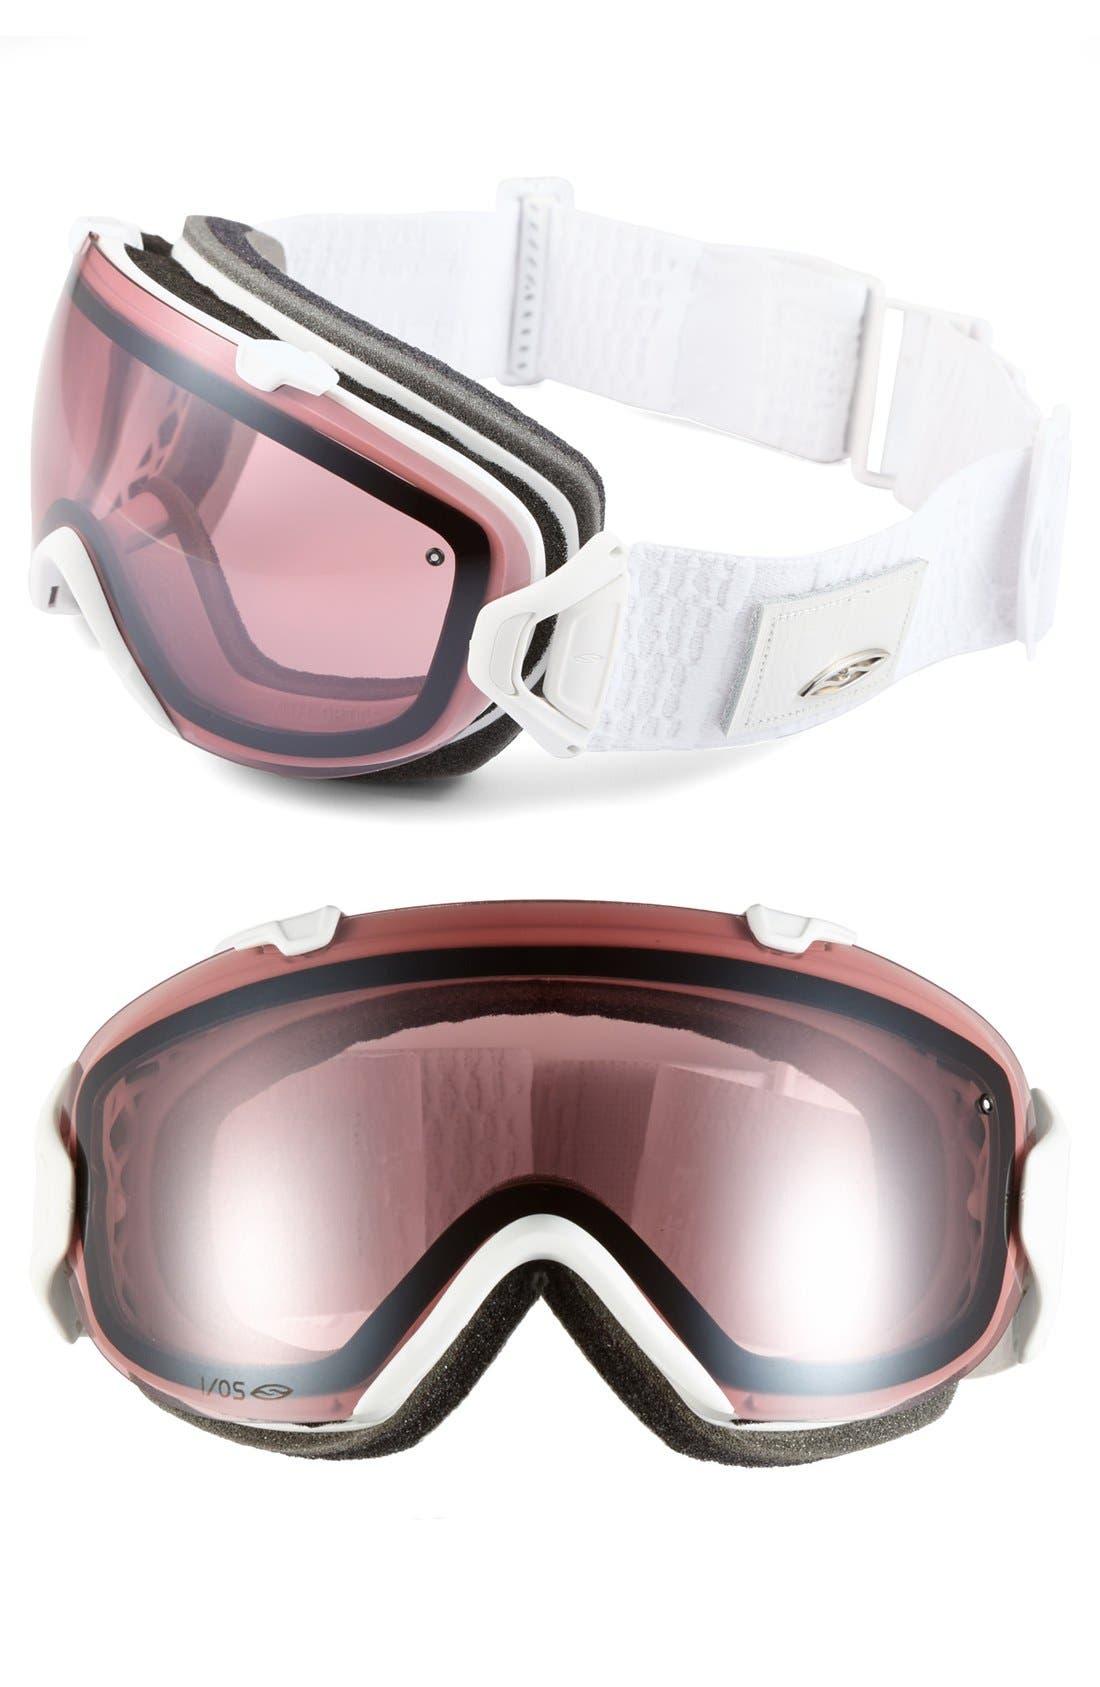 Main Image - Smith 'I/OS' Snow Goggles